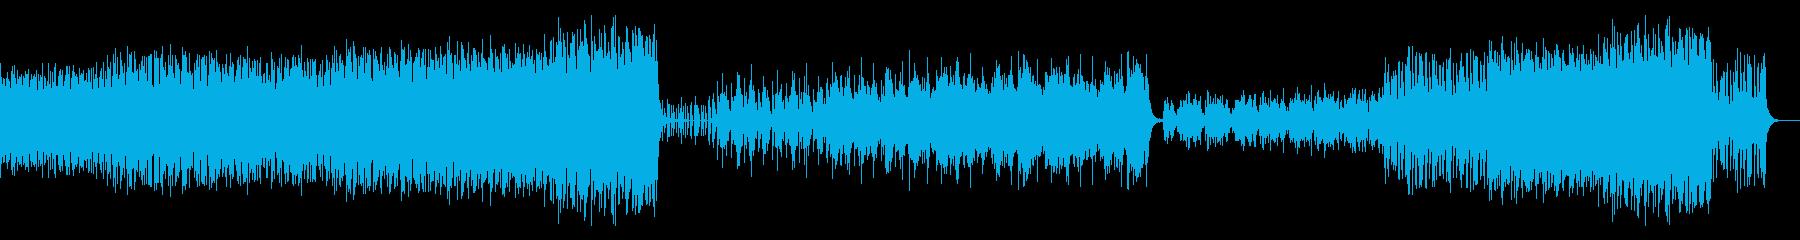 可愛く壮大なオーケストラ楽曲の再生済みの波形